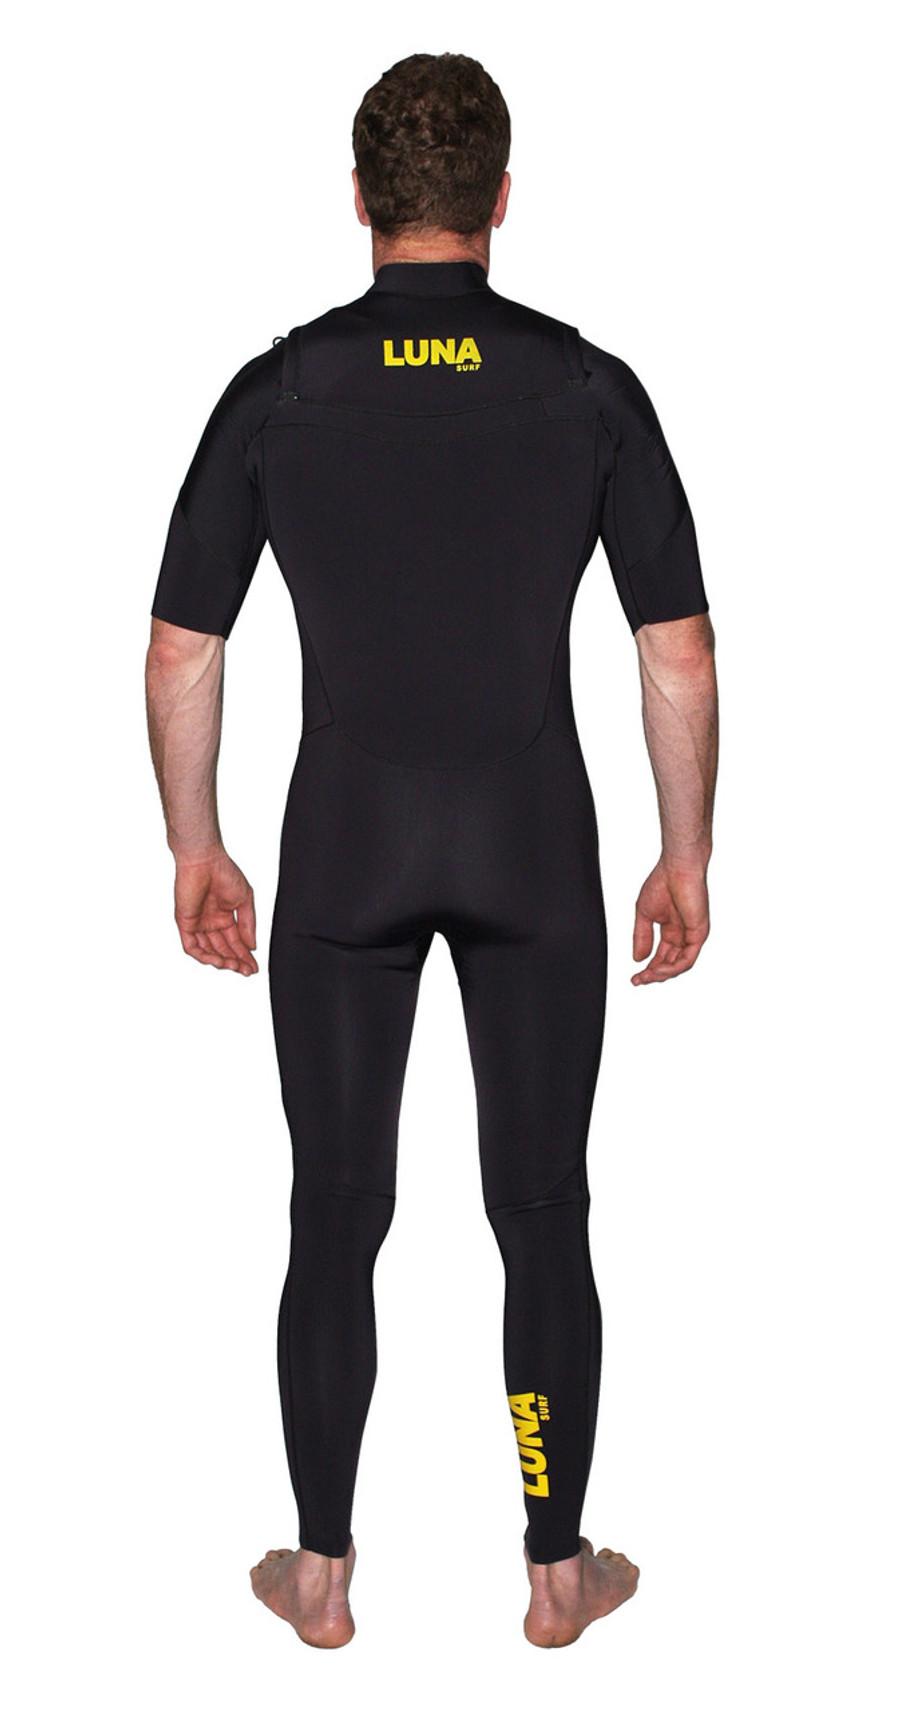 mens 2mm short arm wetsuit